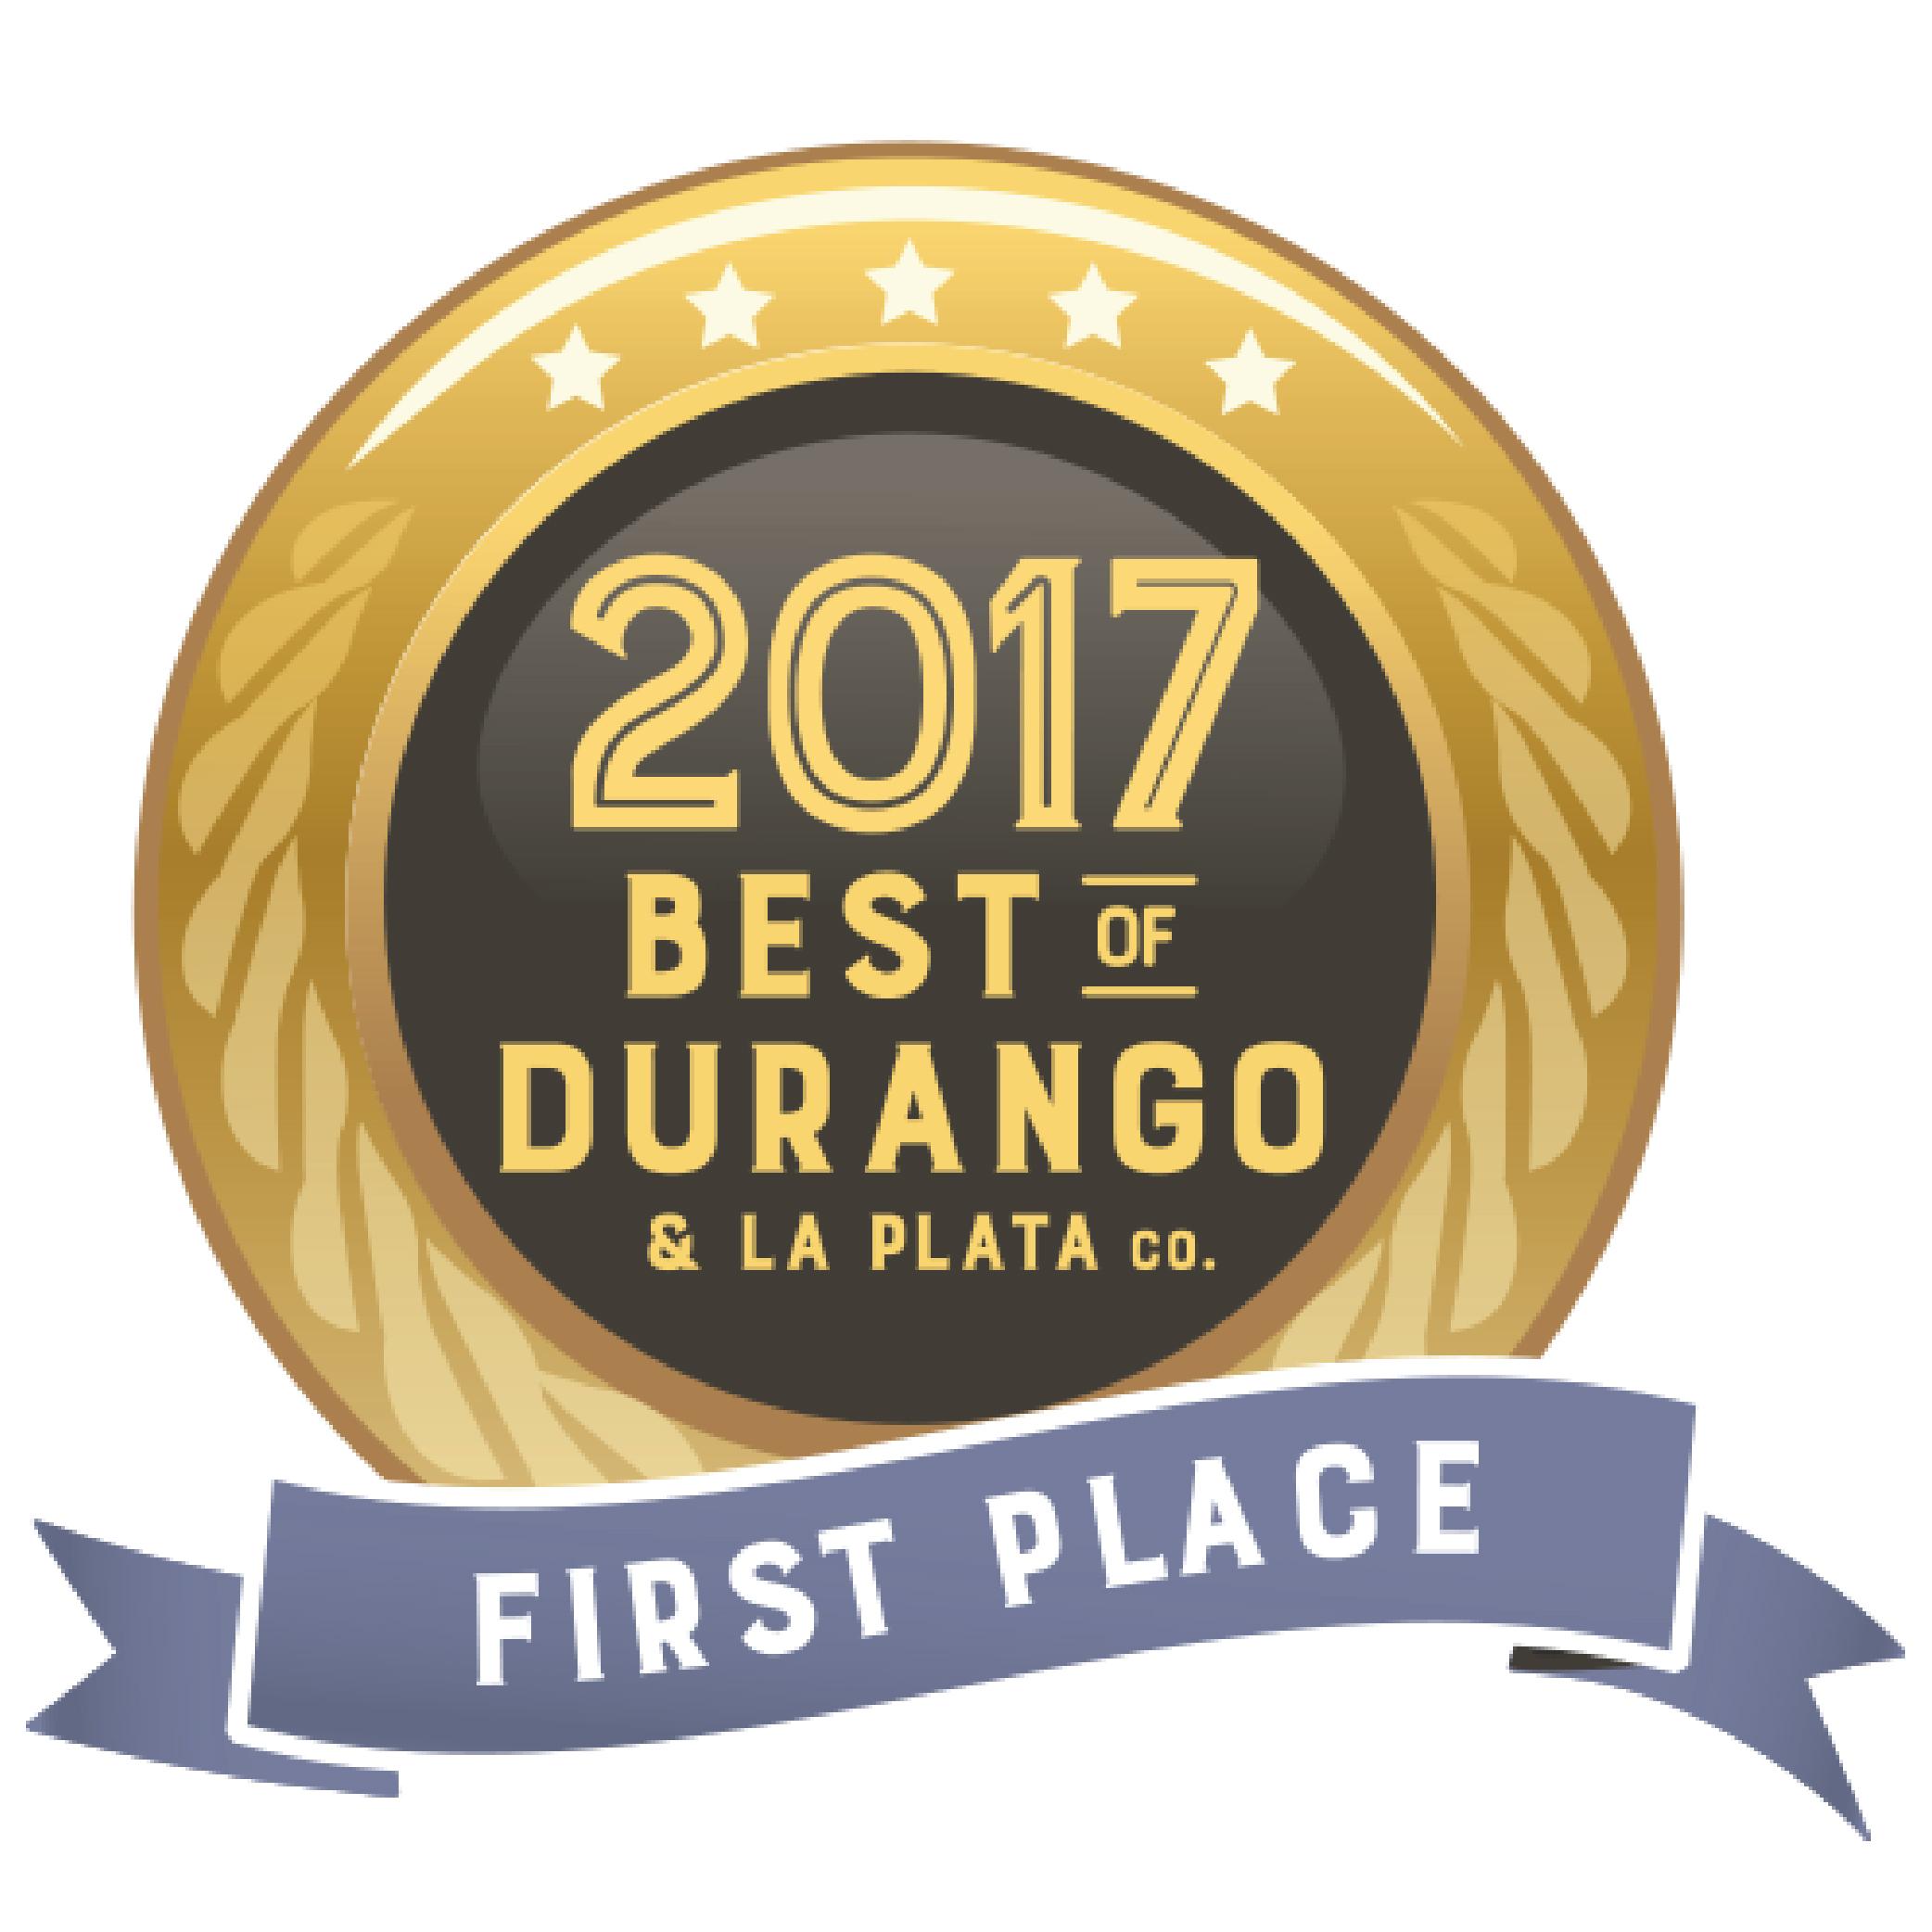 Best of Durango Award 2017